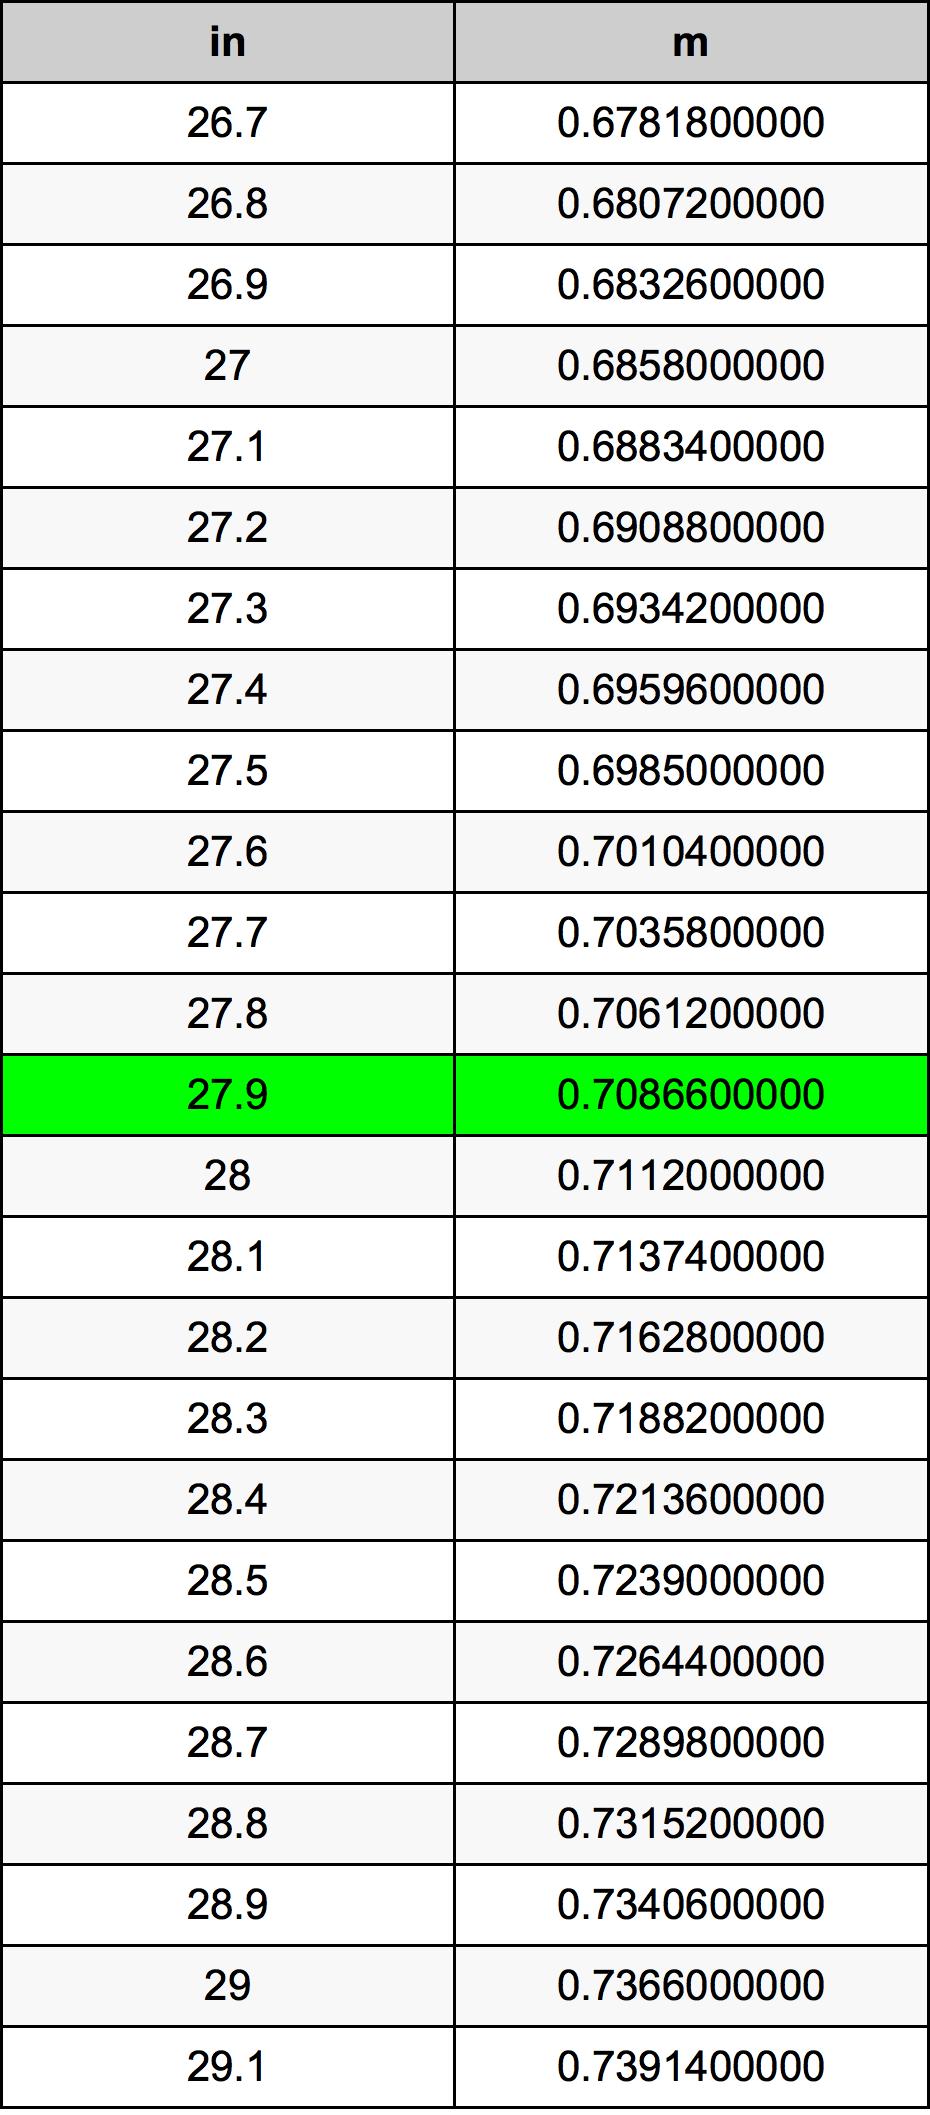 27.9 Țol tabelul de conversie